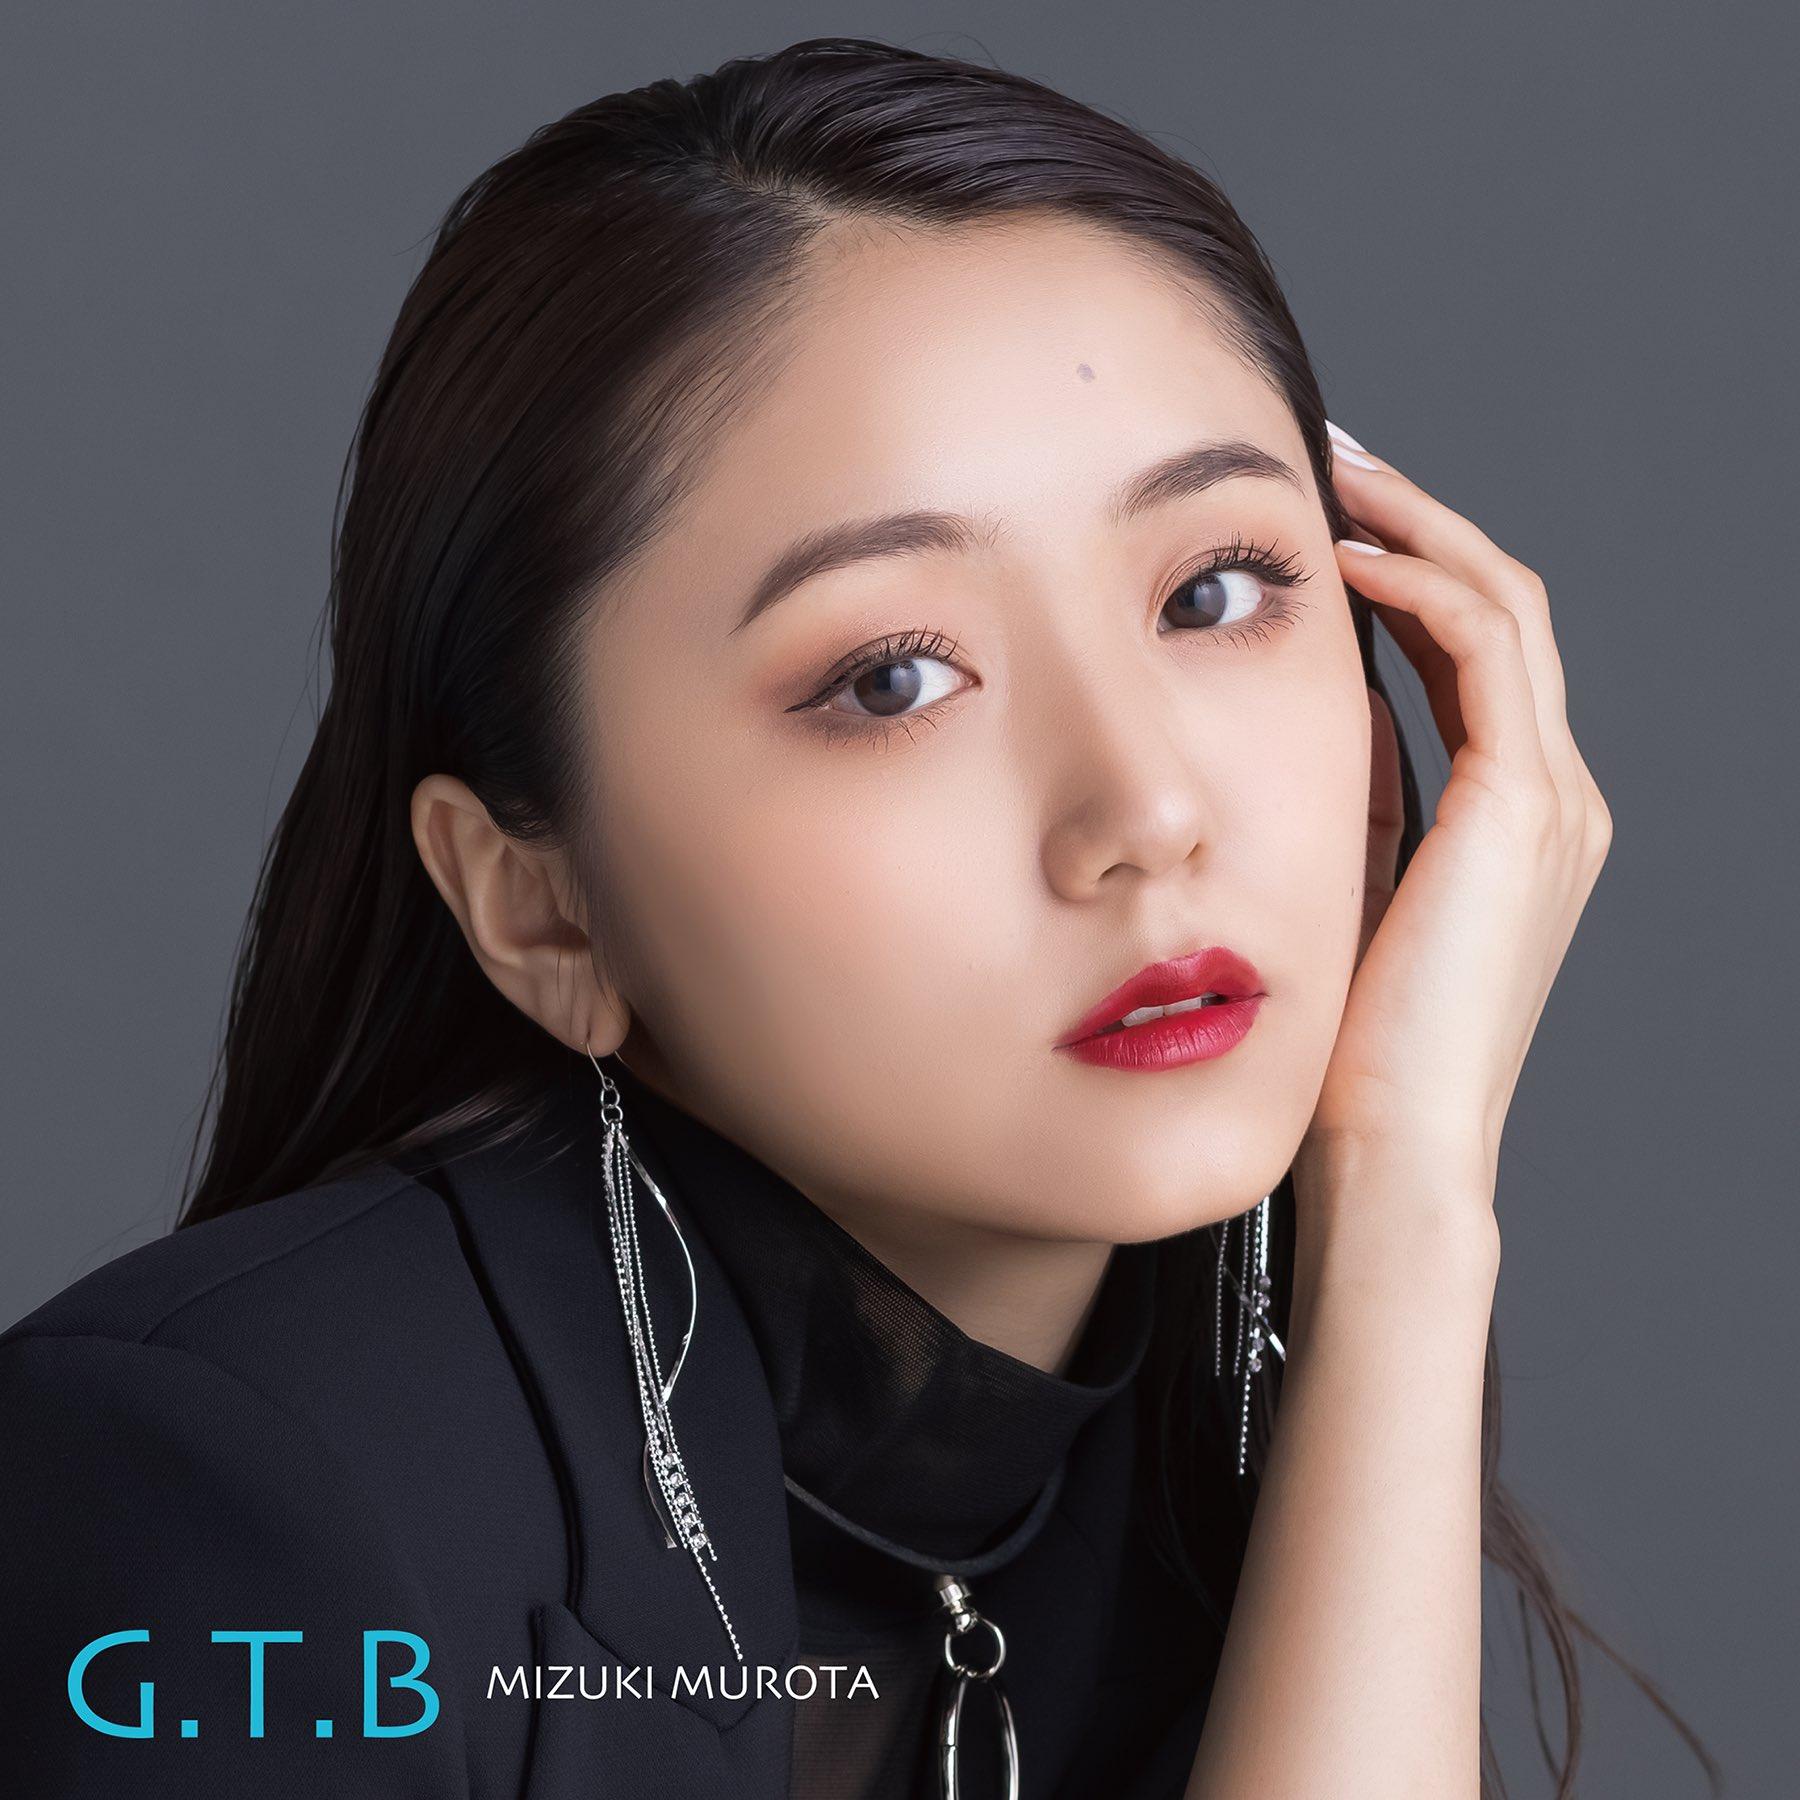 室田瑞希 - G.T.B